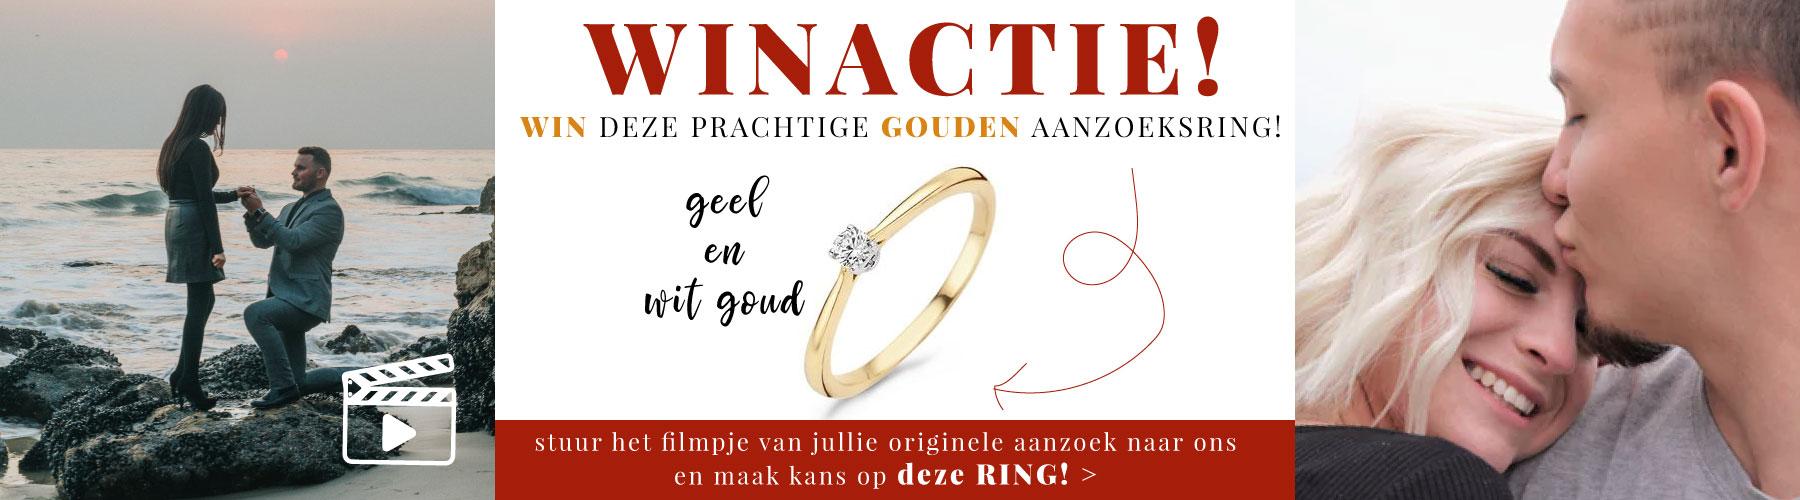 Winactie-win-verlovingsring-bij-Wolters-Juweliers-Coevorden-Emmen